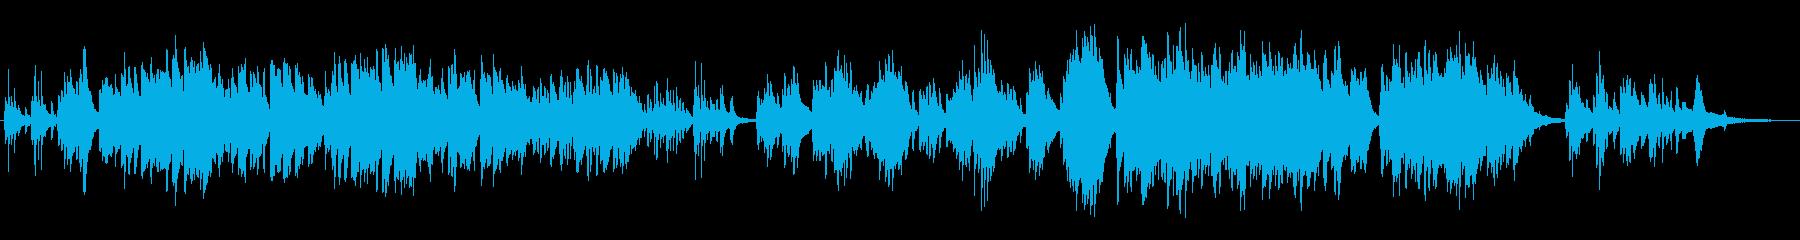 生ピアノで奏でる日本のうた:ゆりかごの歌の再生済みの波形